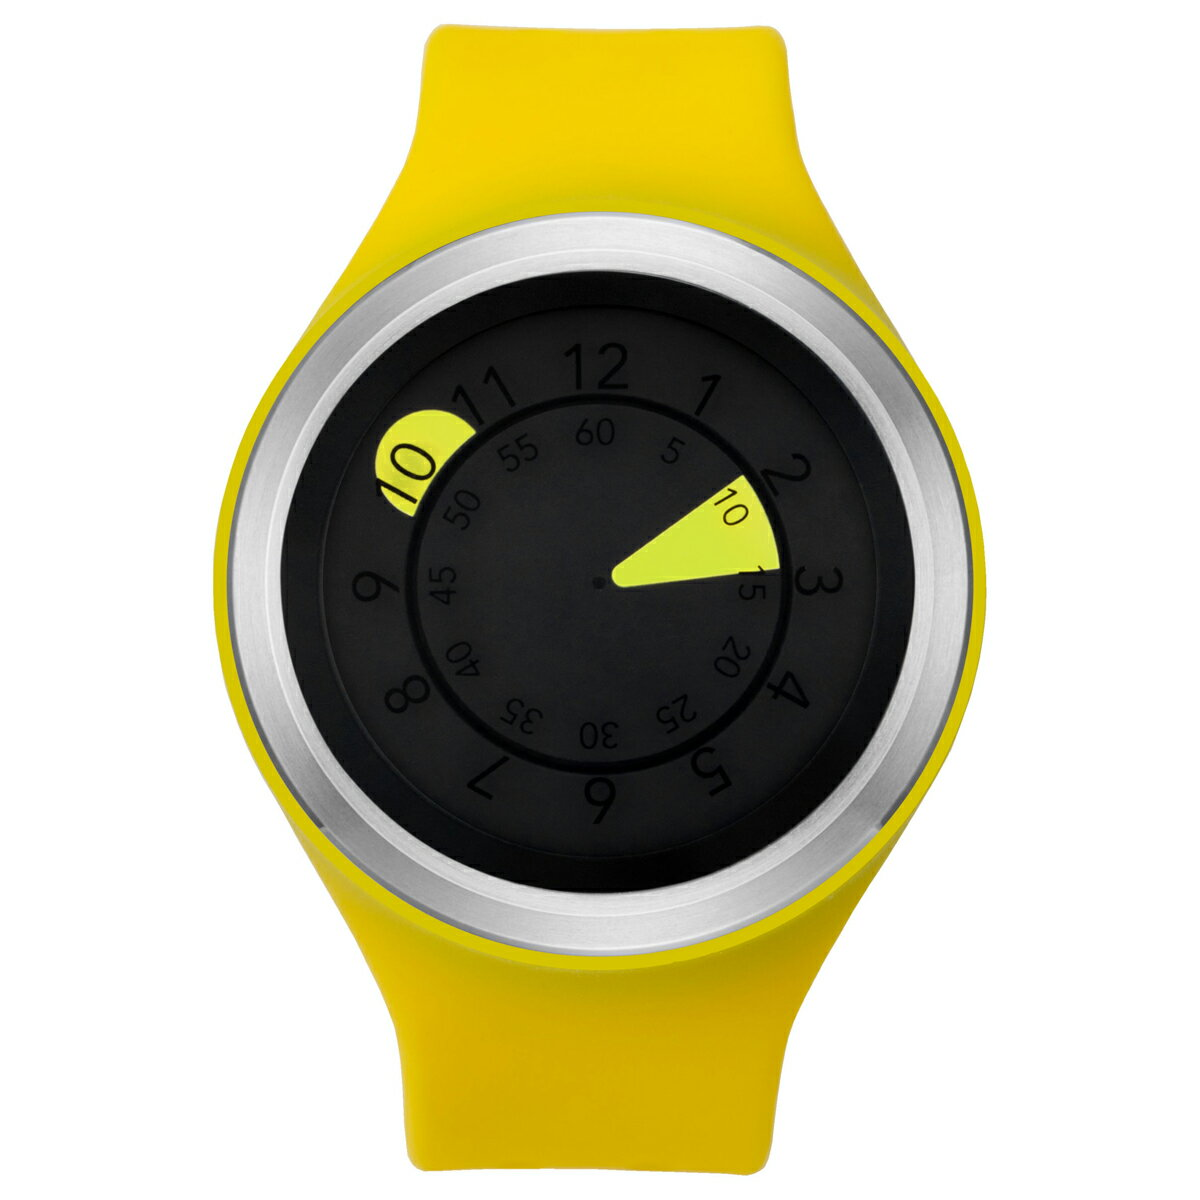 ZEROO AQUA DROP ゼロ 電池式クォーツ 腕時計 [W01203B01SR09] イエロー デザインウォッチ ペア用 メンズ レディース ユニセックス おしゃれ時計 デザイナーズ